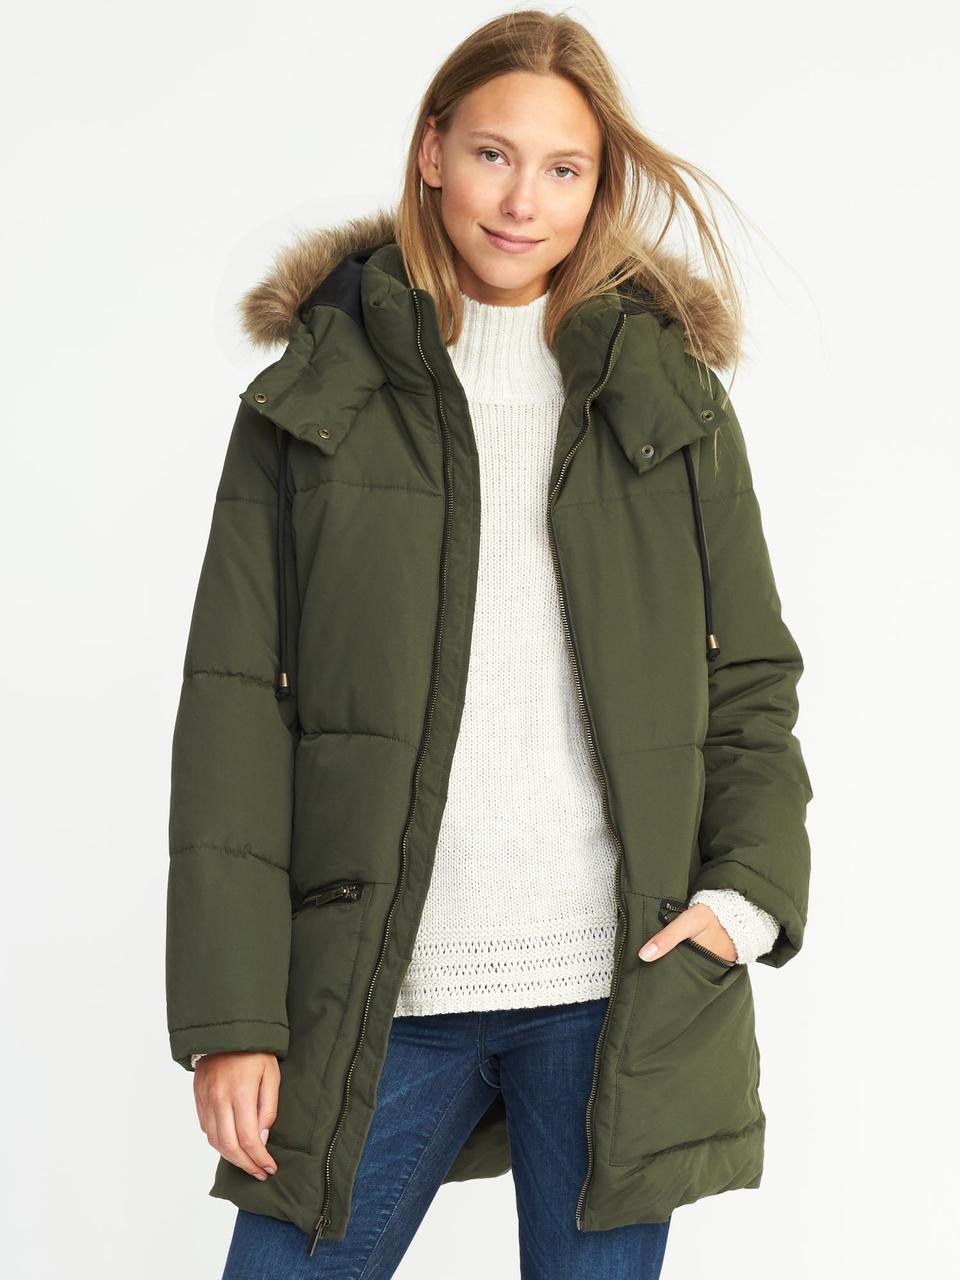 Женская куртка-парка Old Navy р.54-56 куртки женские зимние , цена 1 ... 67a5fbc5a85